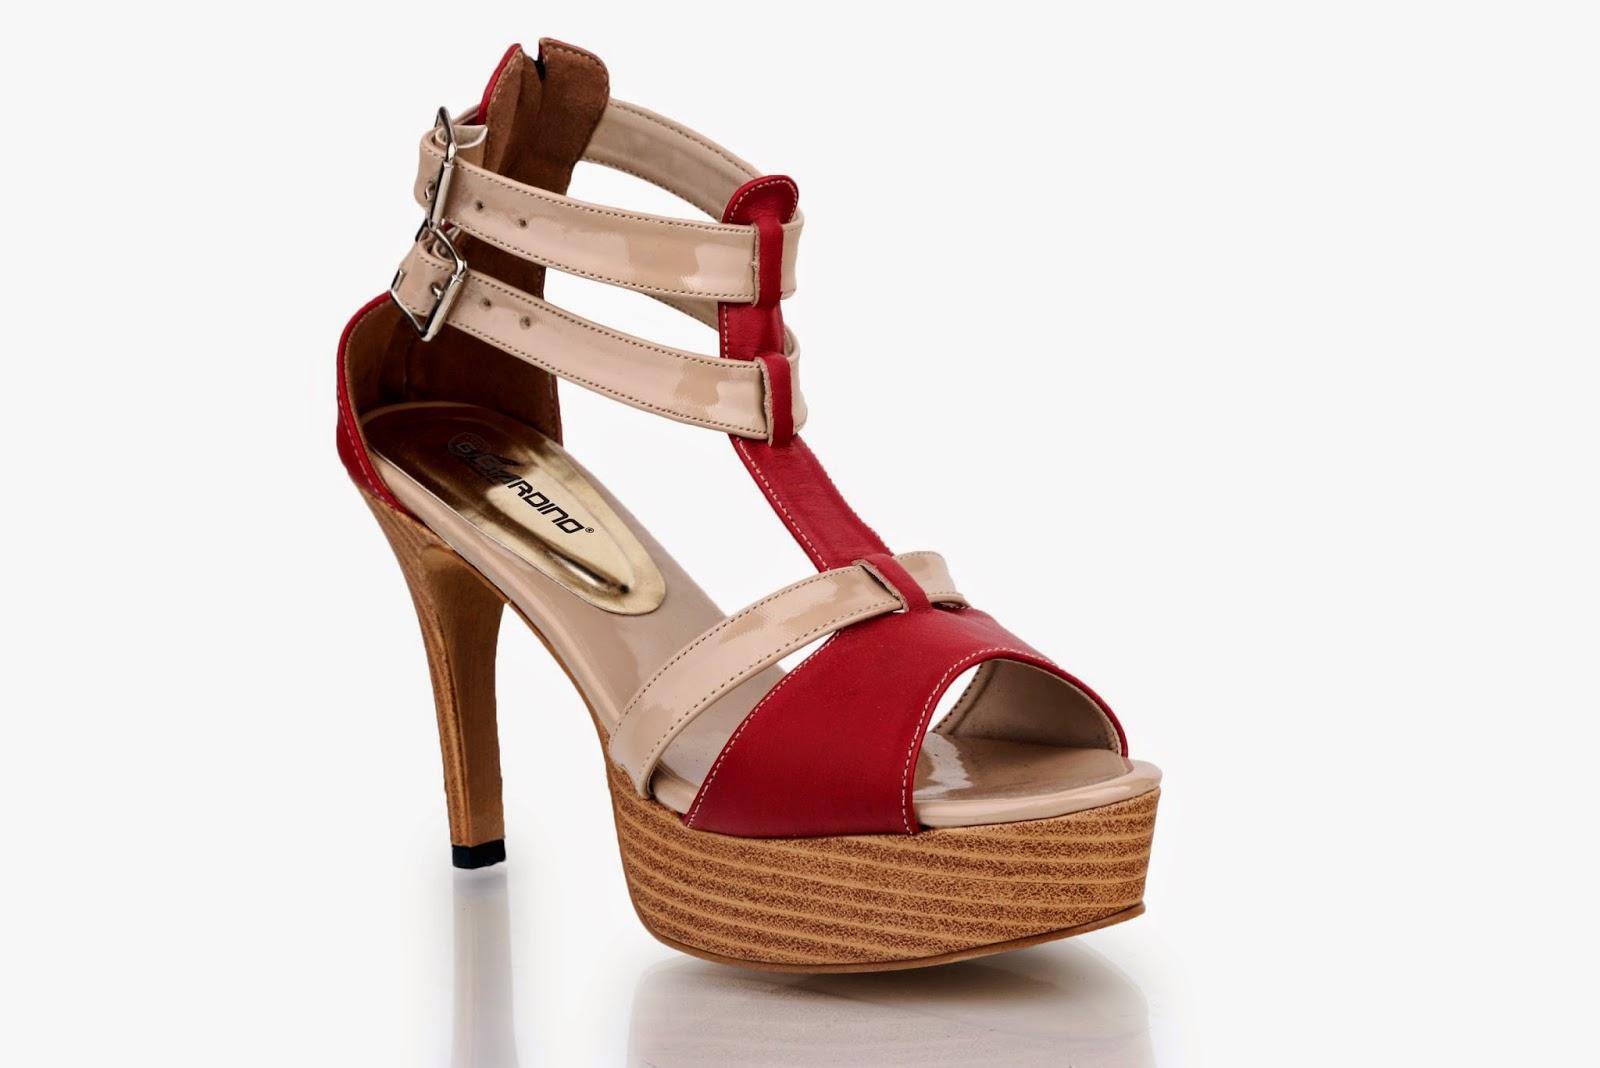 Jual SandL High Heels , Grosir SandL High Heels , SandL High Heels  Murah, SandL High Heels  Murah 2014